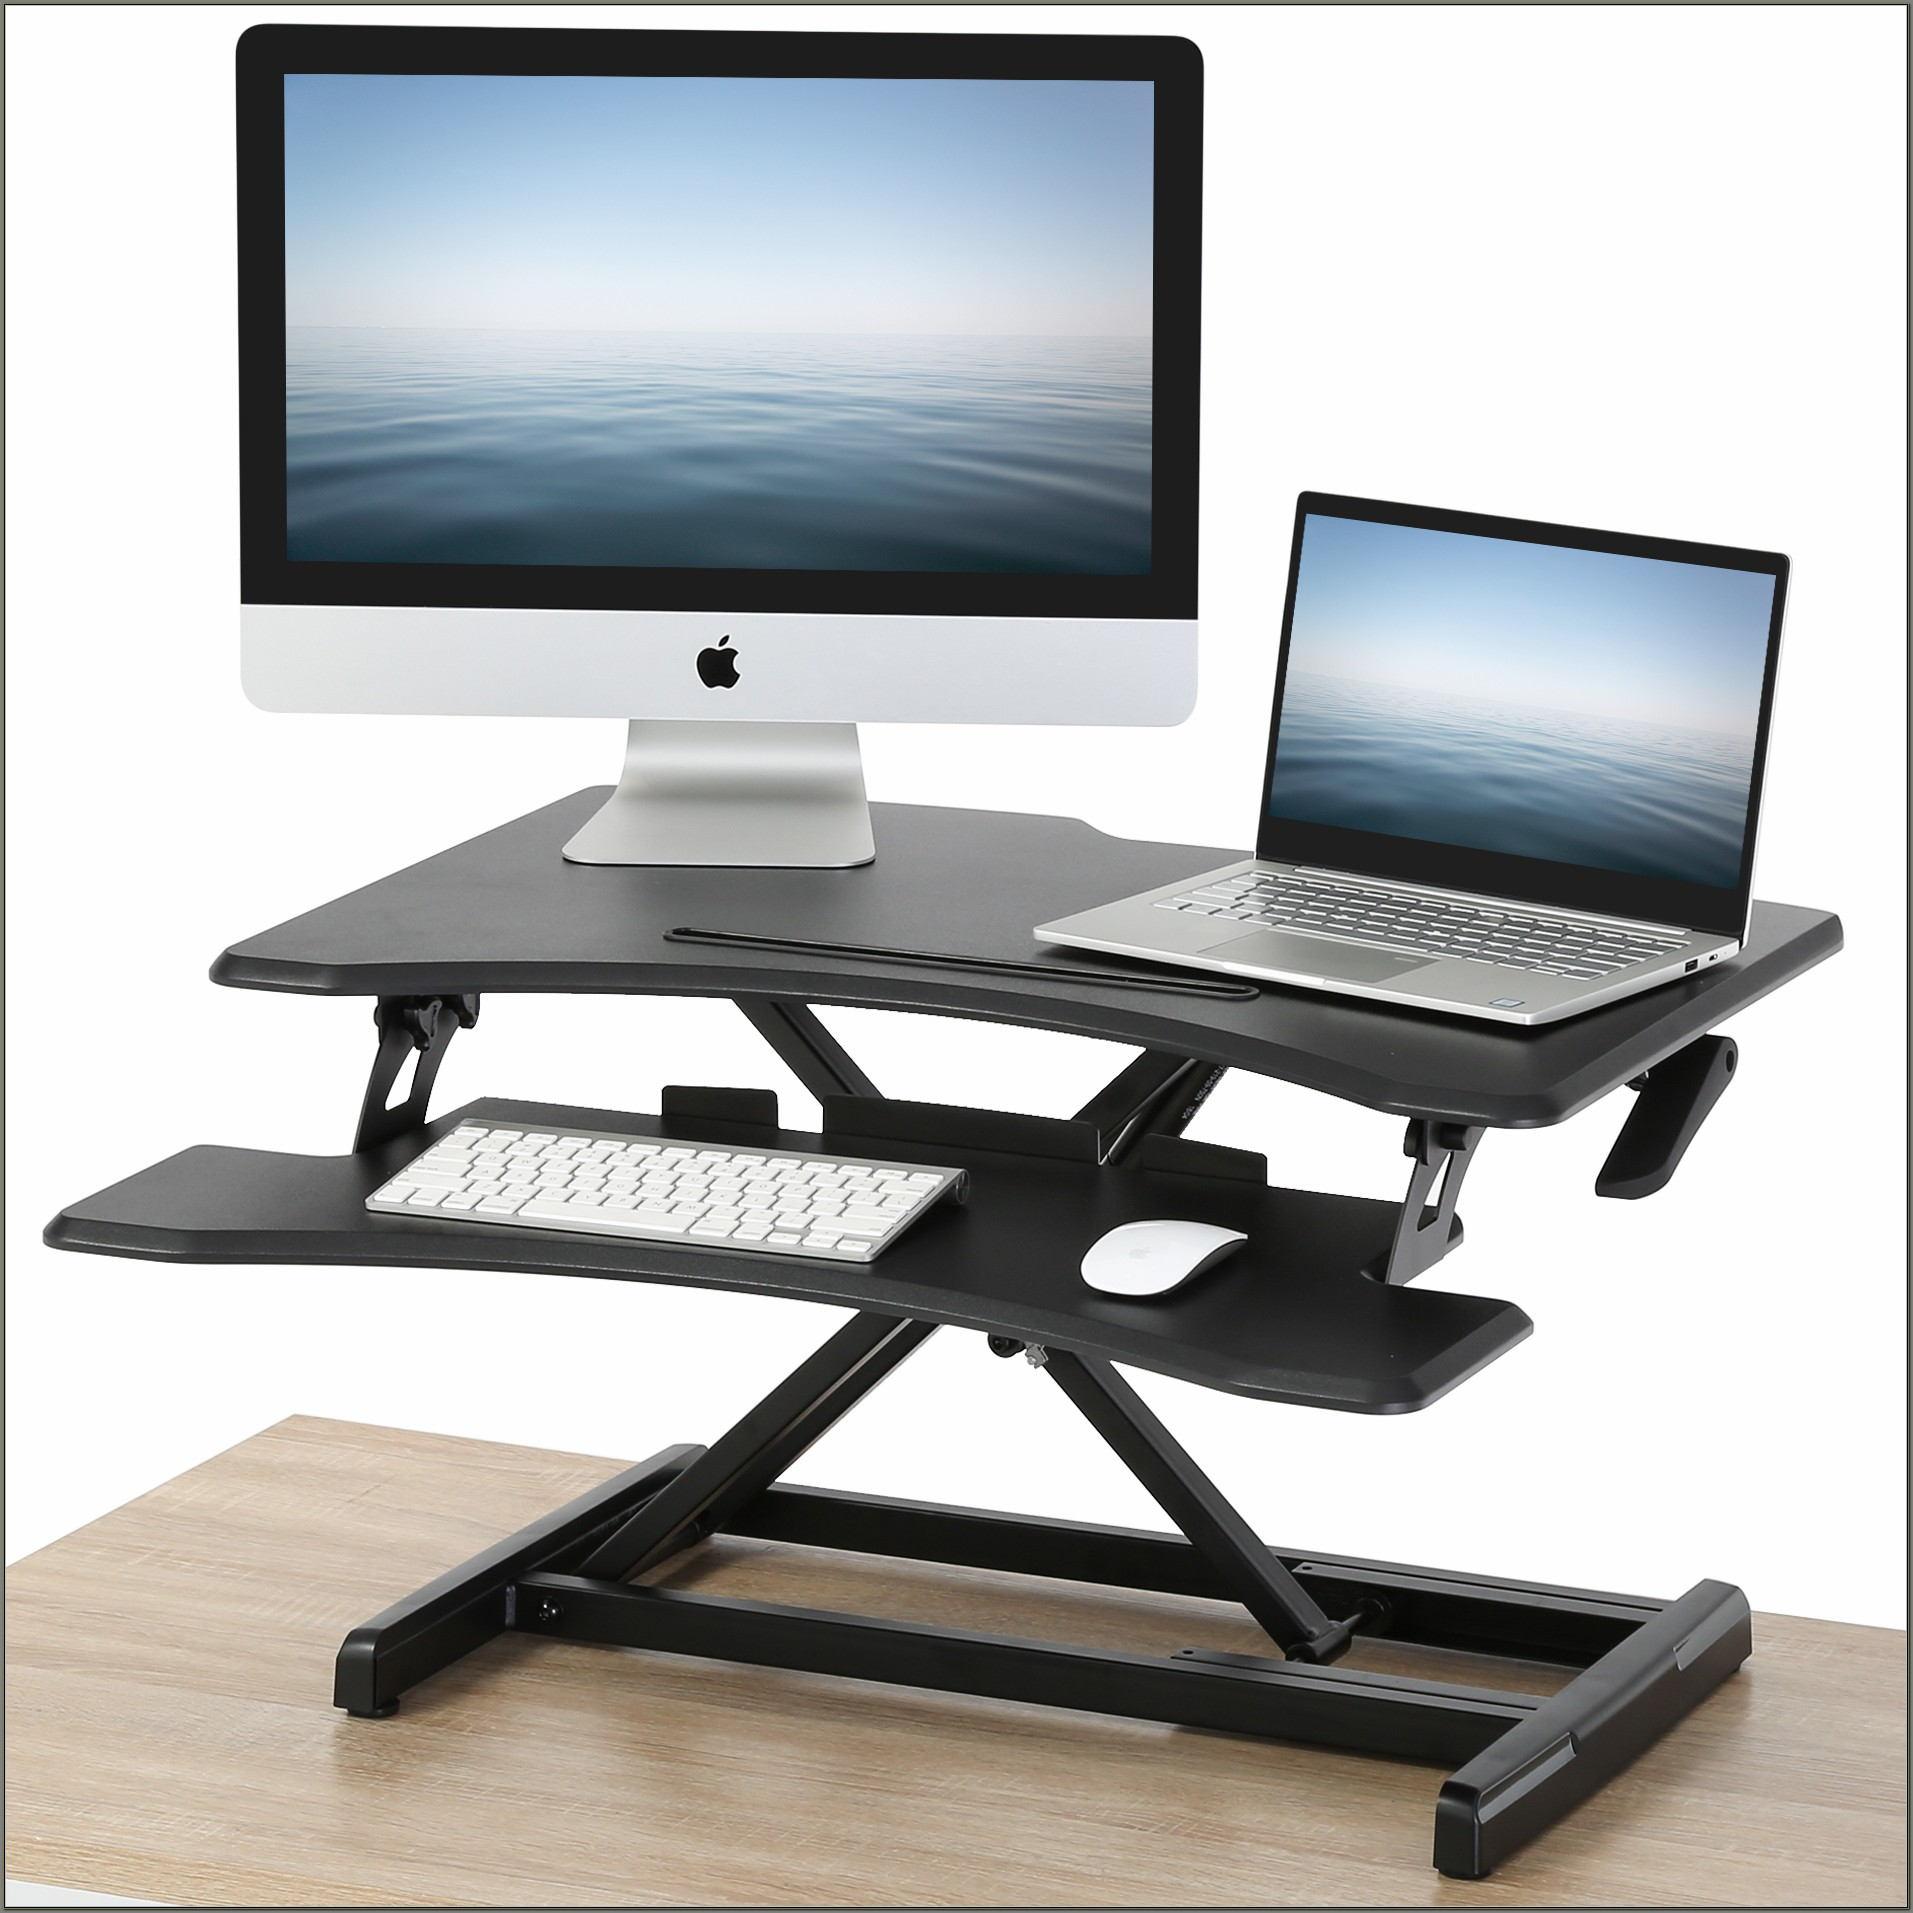 Adjustable Standing Desk Converter Walmart